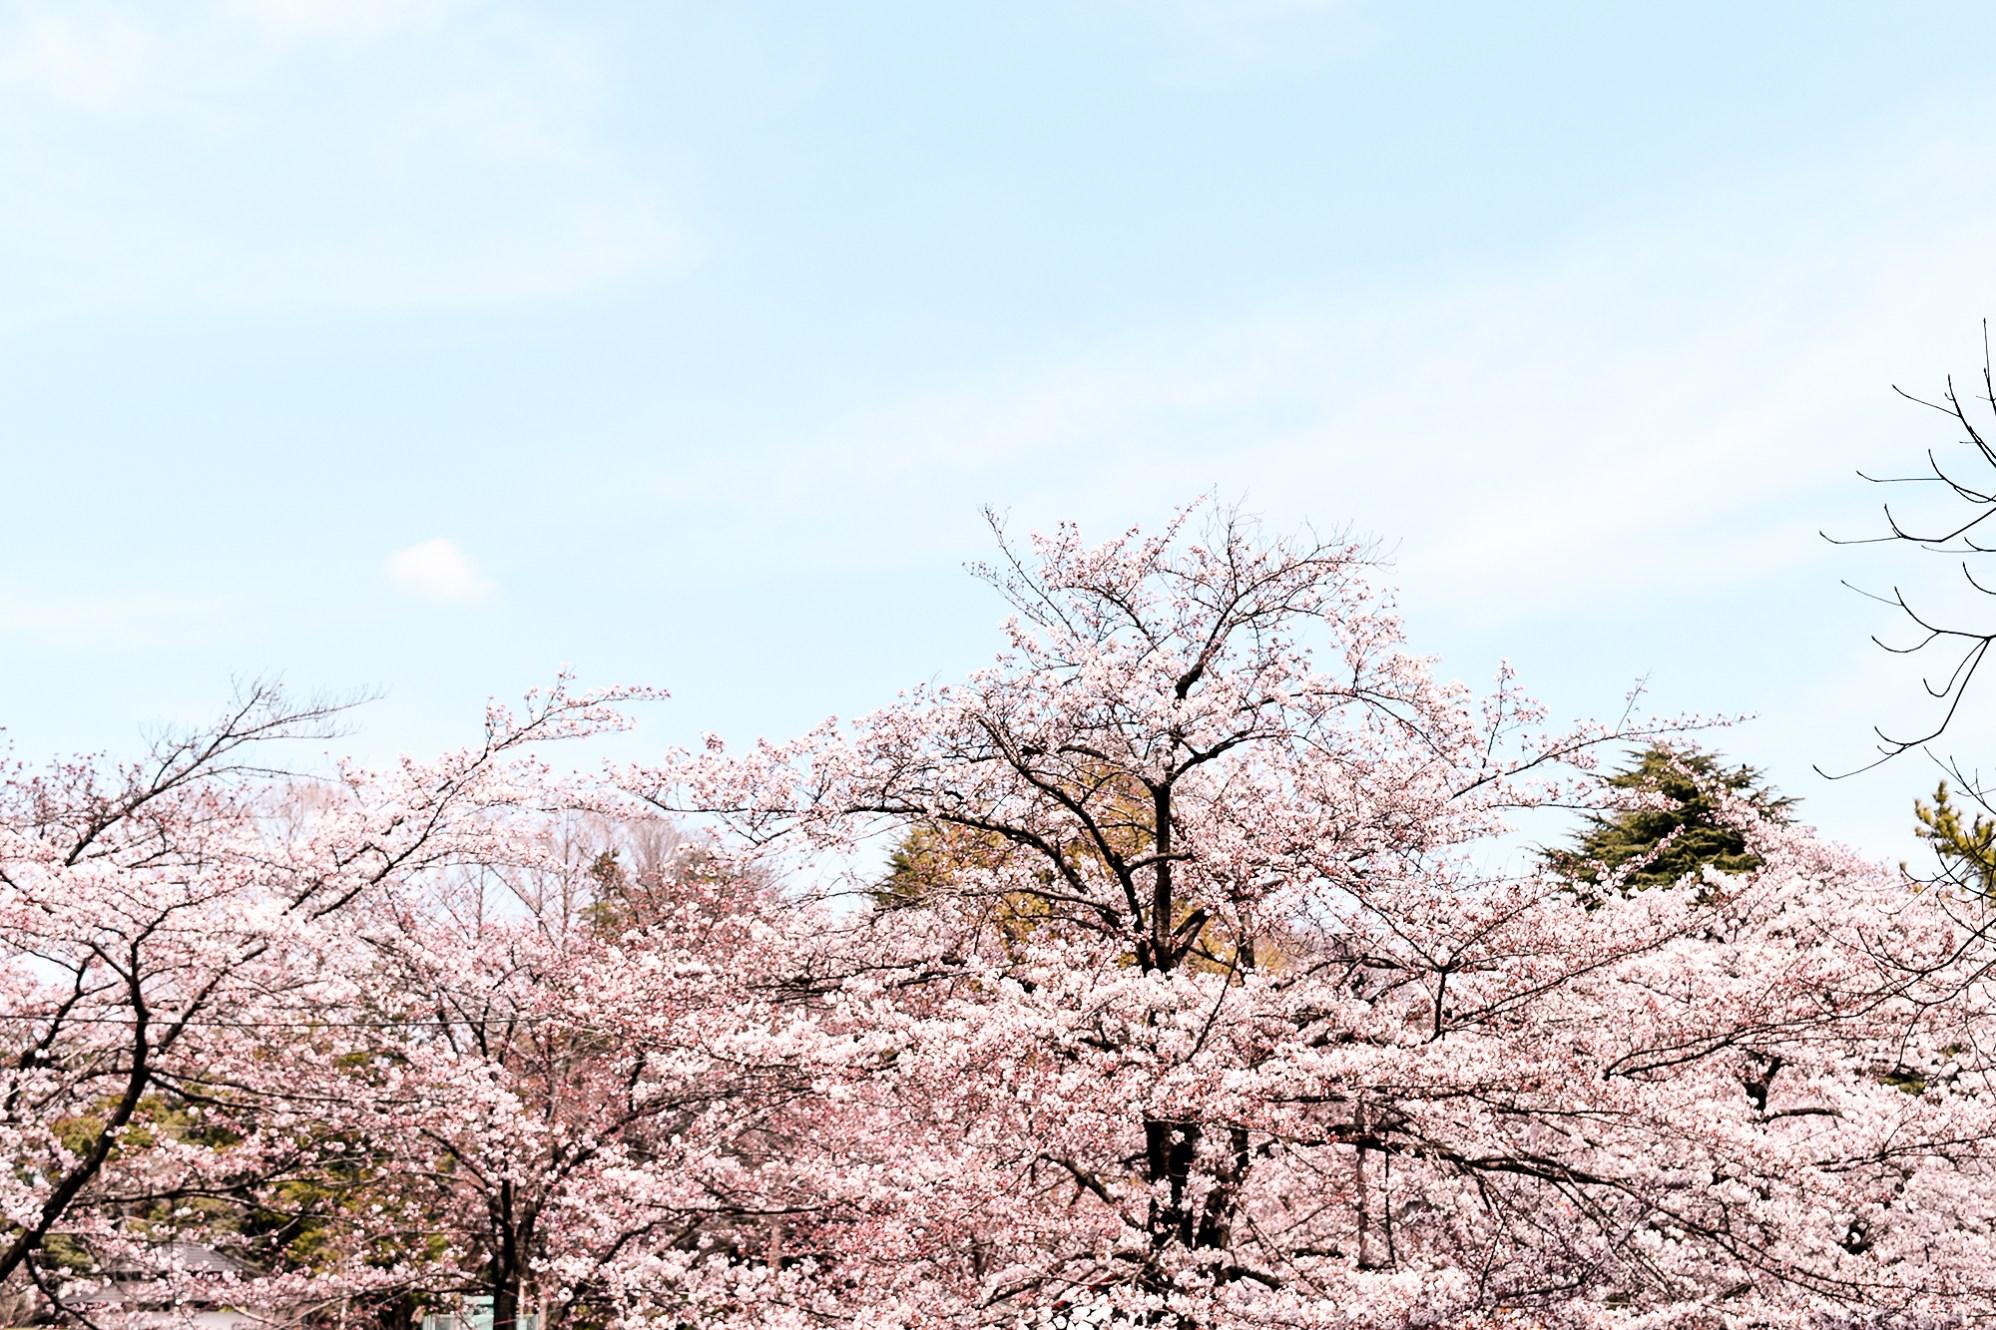 The view that greeted us at Omiya Park in Saitama